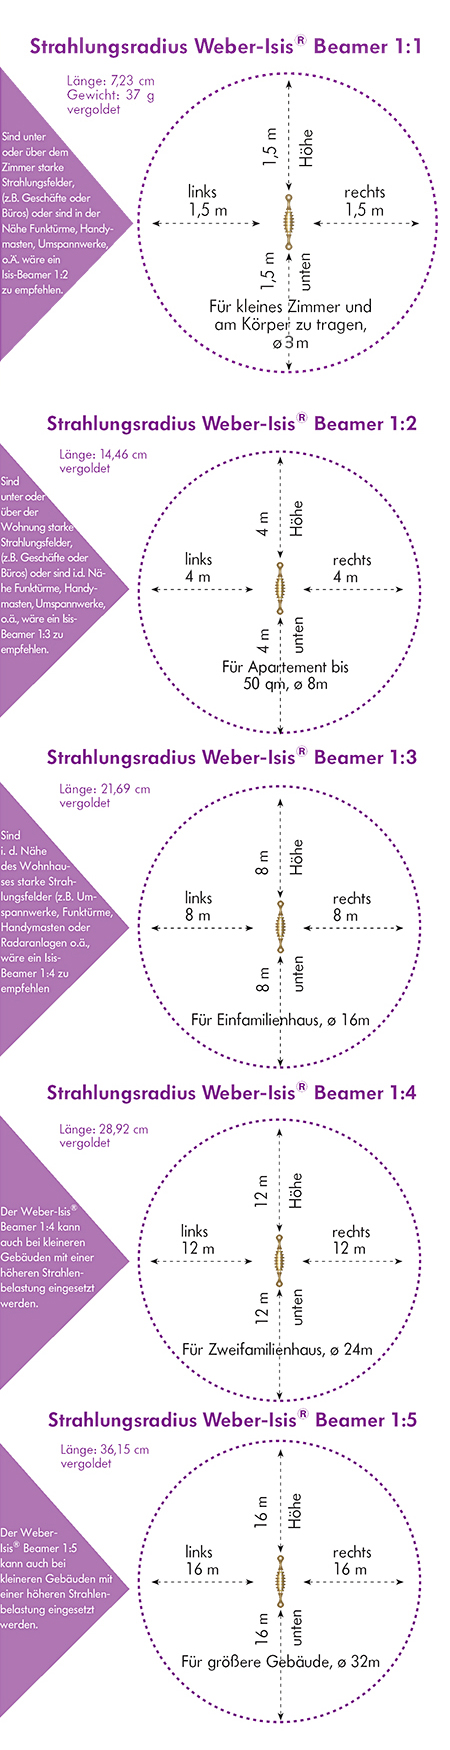 Die Weber-Isis® Beamer 1:2, 1:3, 1:4, 1:5